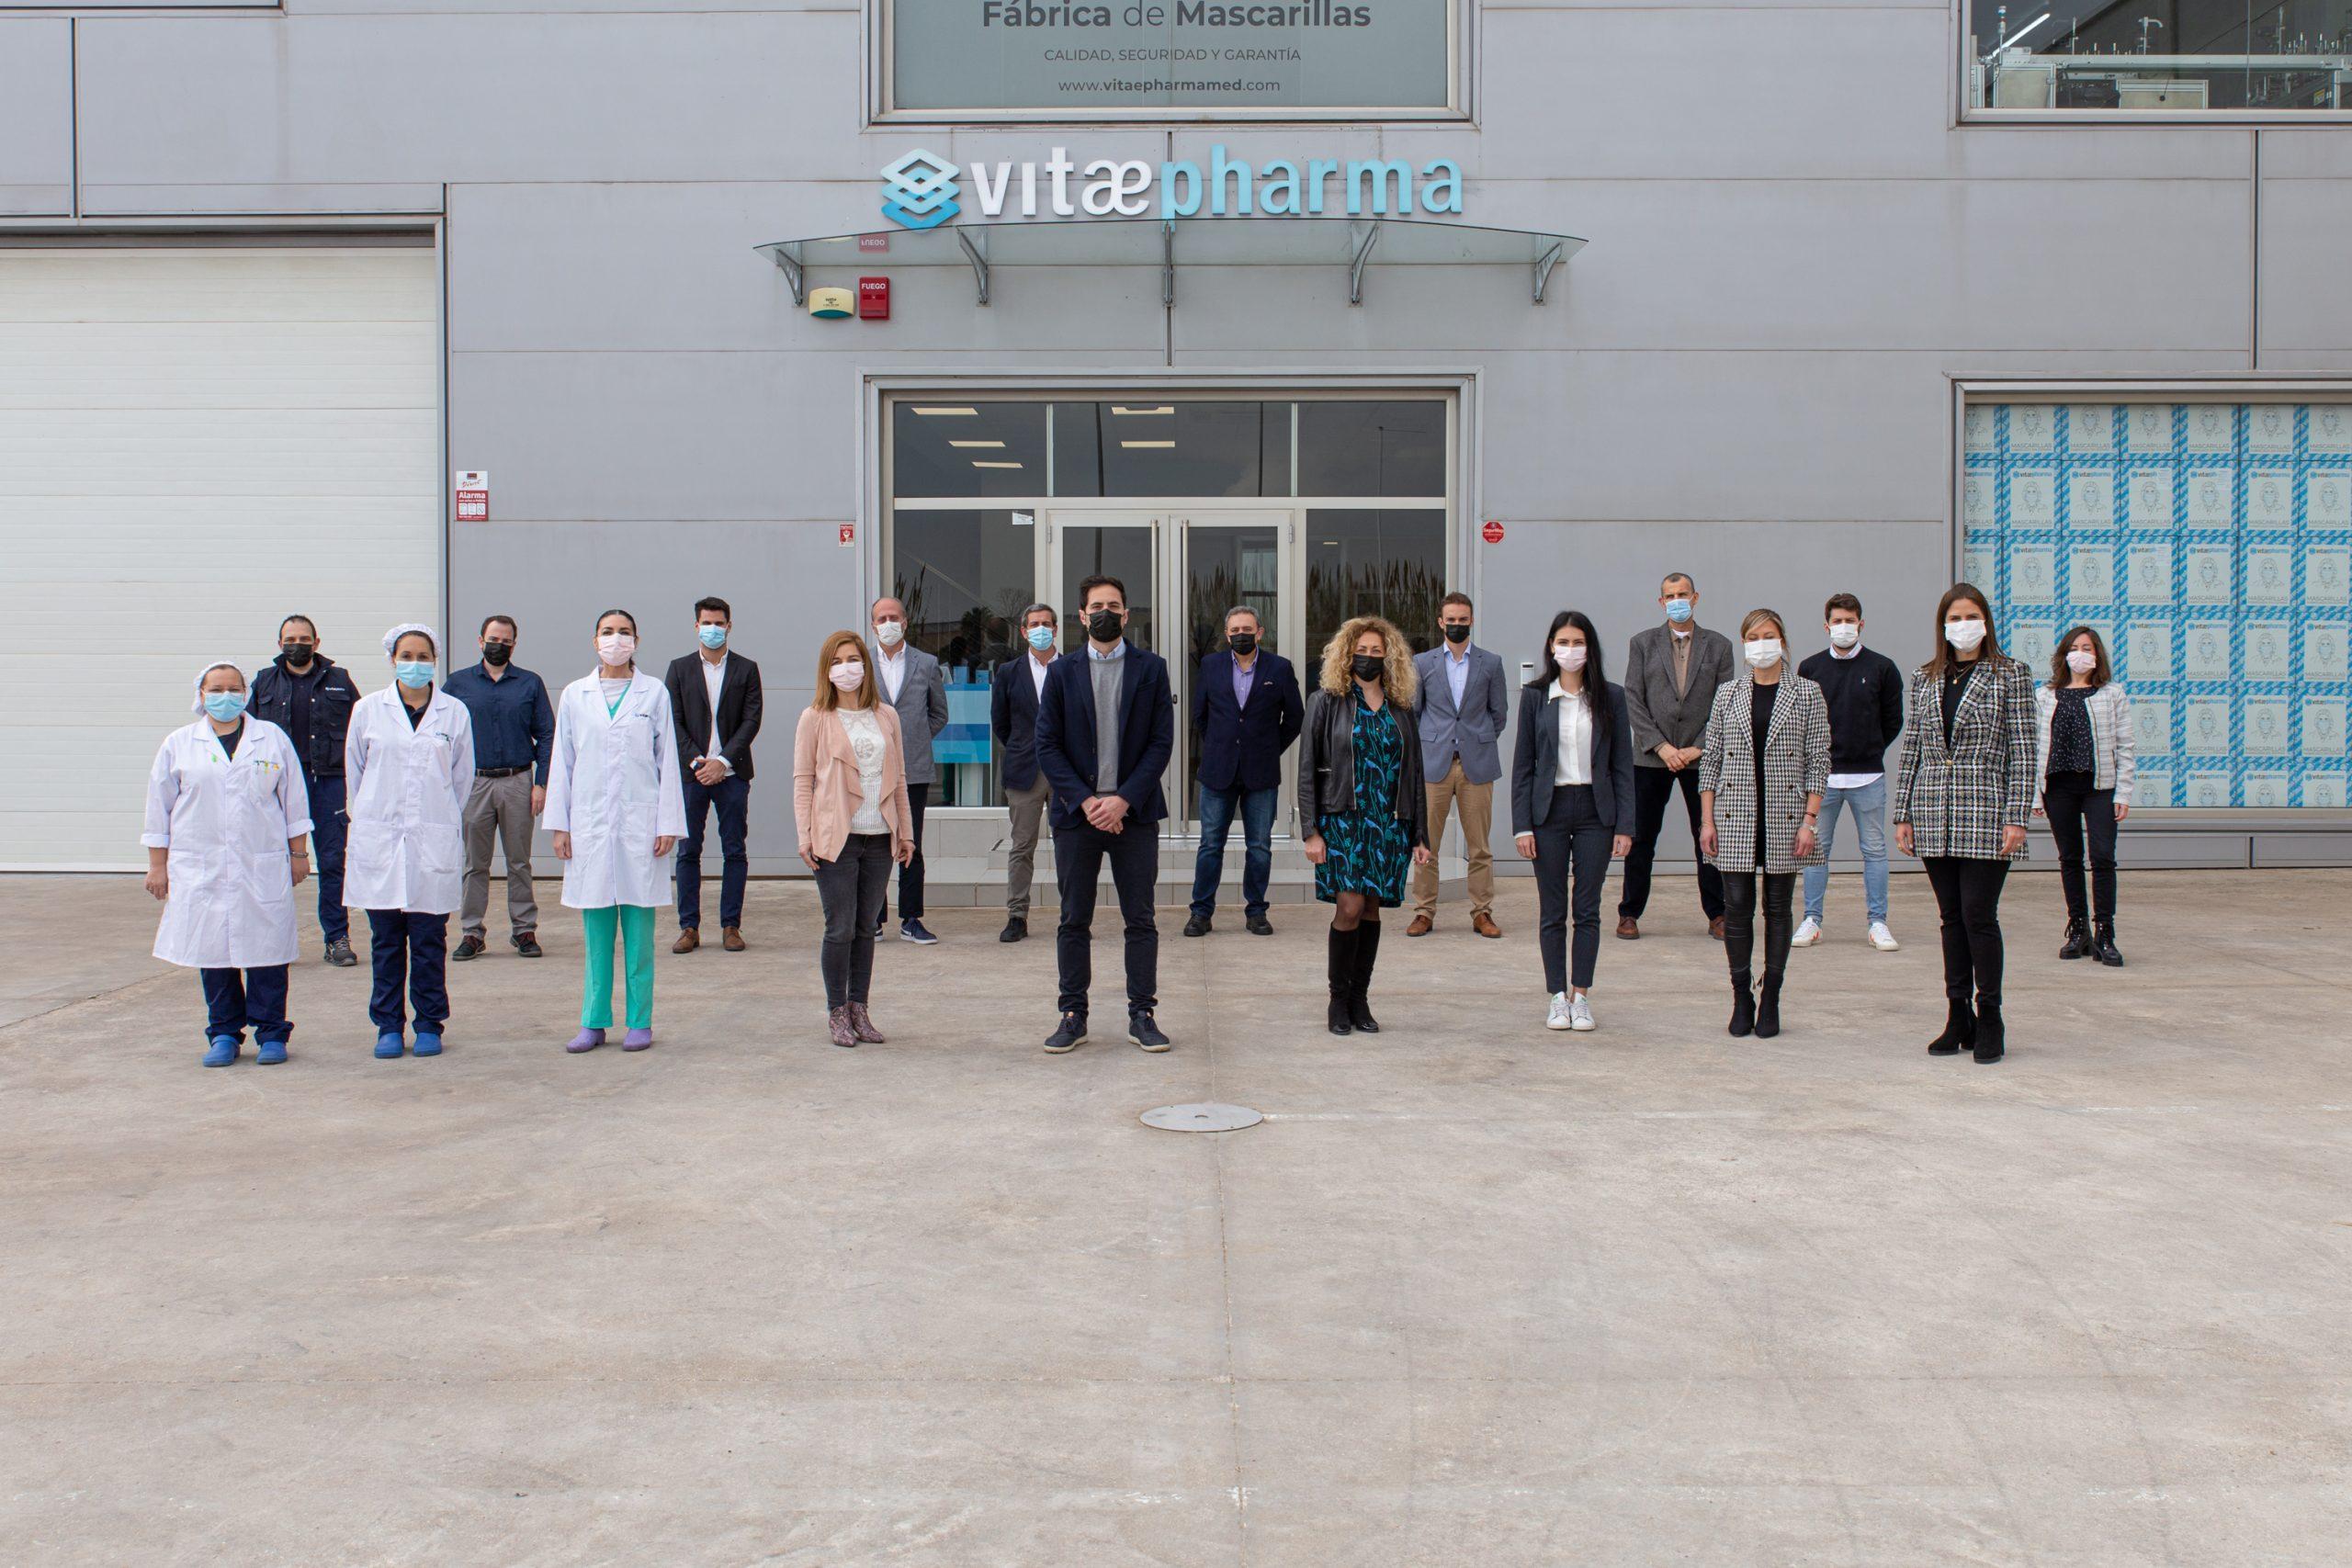 Vitae Pharma Medical fabrica mascarillas hechas en España